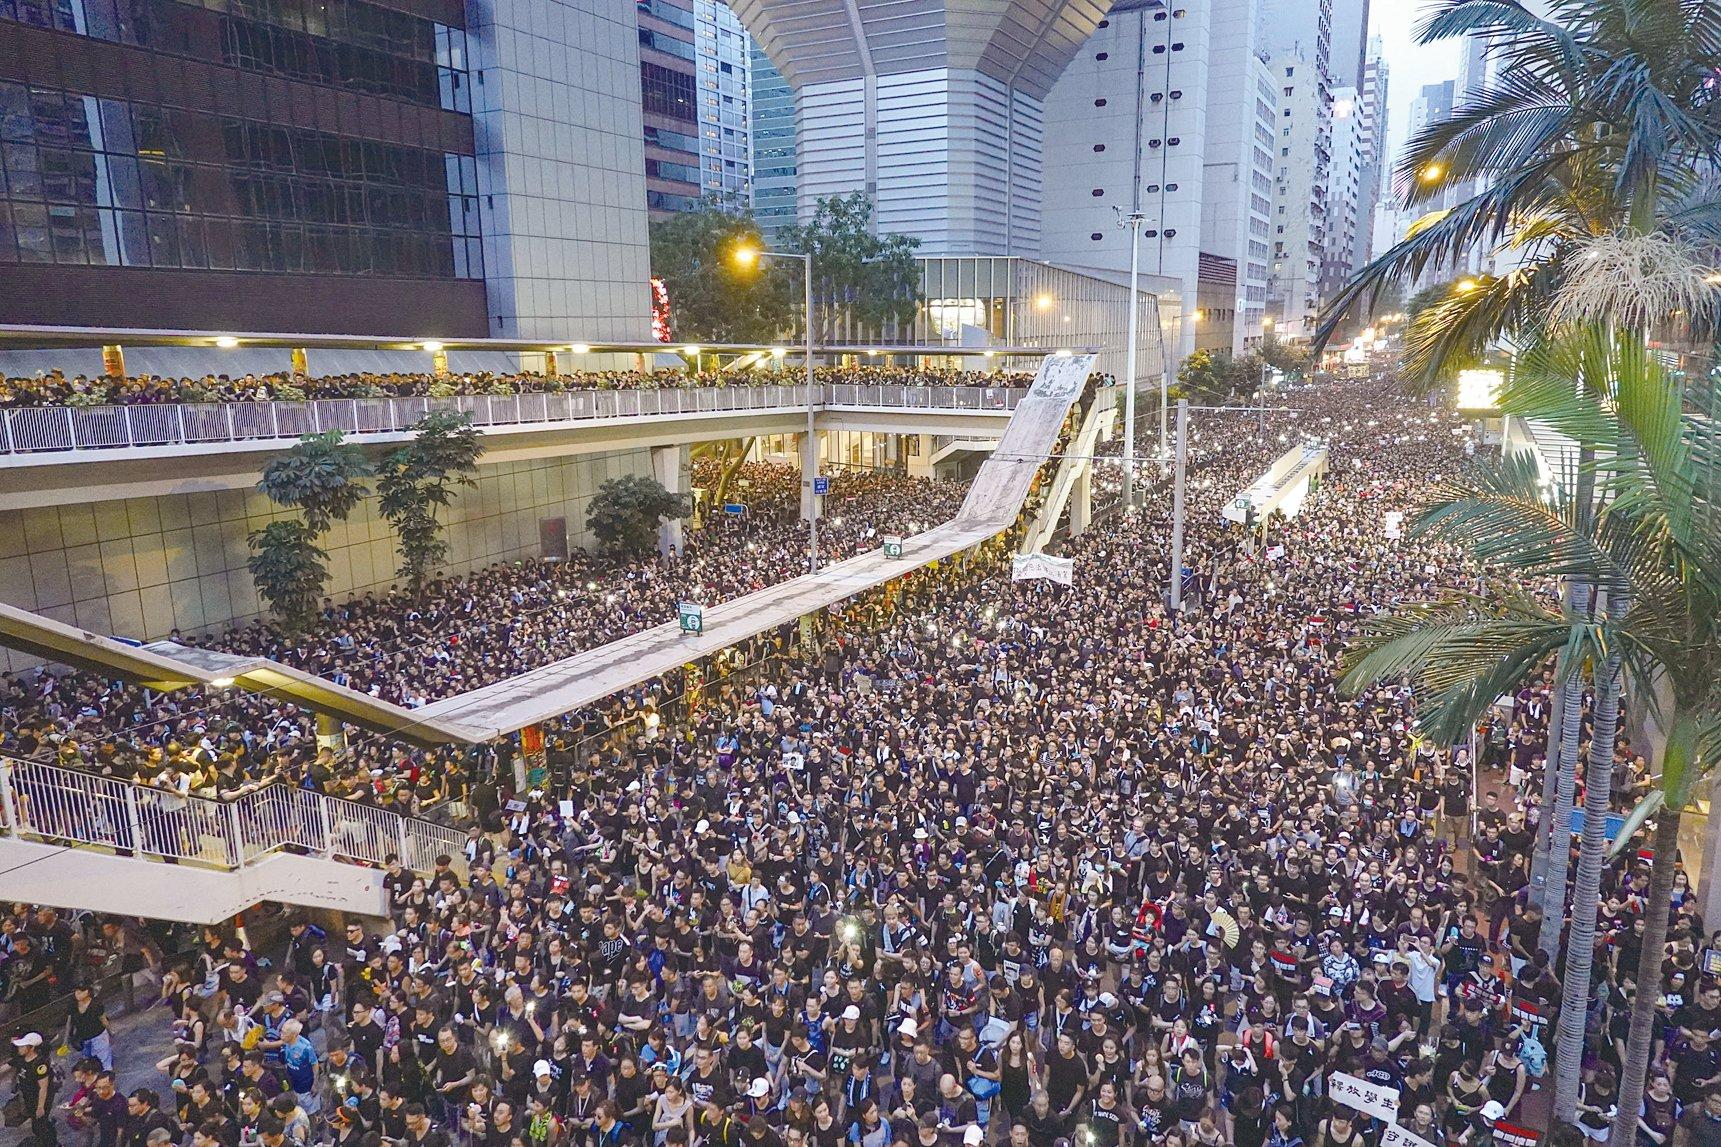 6月16日,213萬香港人再次上街遊行,表達對林鄭月娥政府未能順應名意撤回送中惡法的不滿,並要求林鄭月娥下台。(余鋼/大紀元)